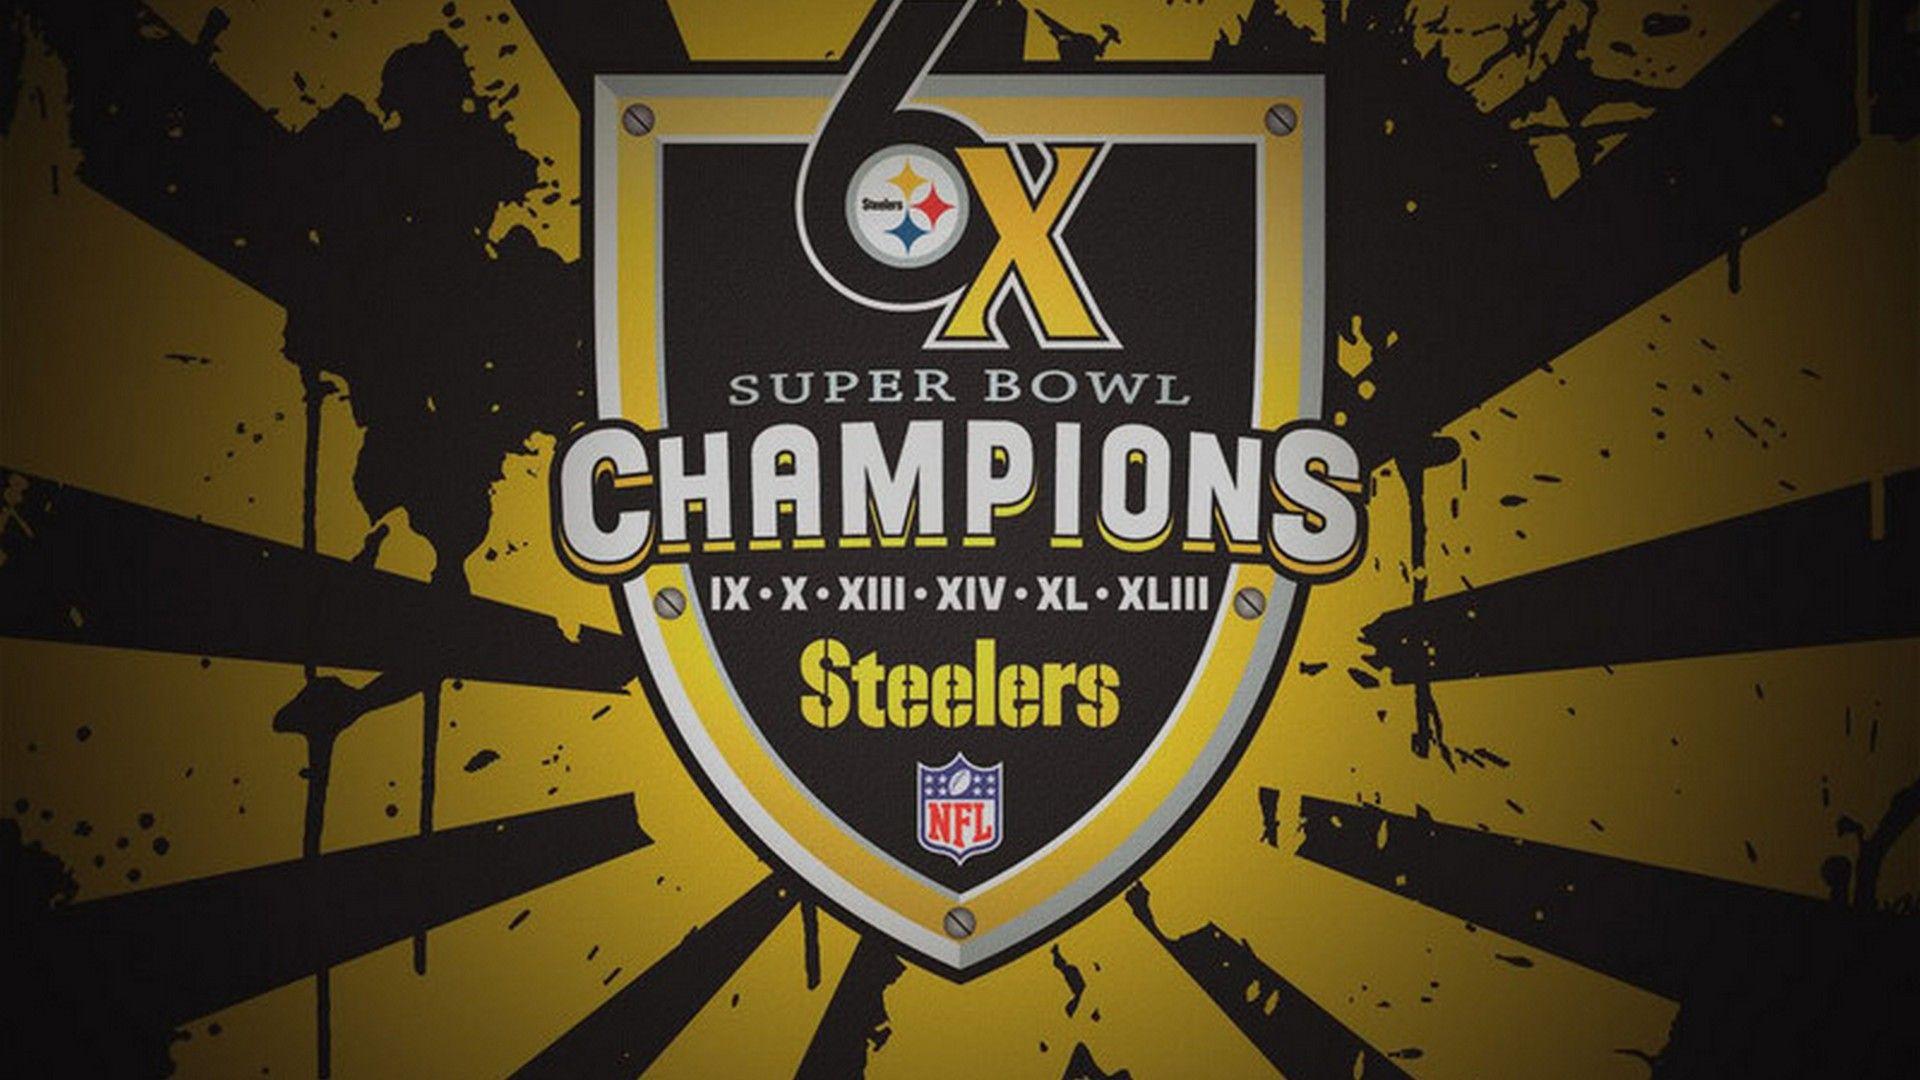 NFL Steelers Wallpaper Nfl steelers, Steelers